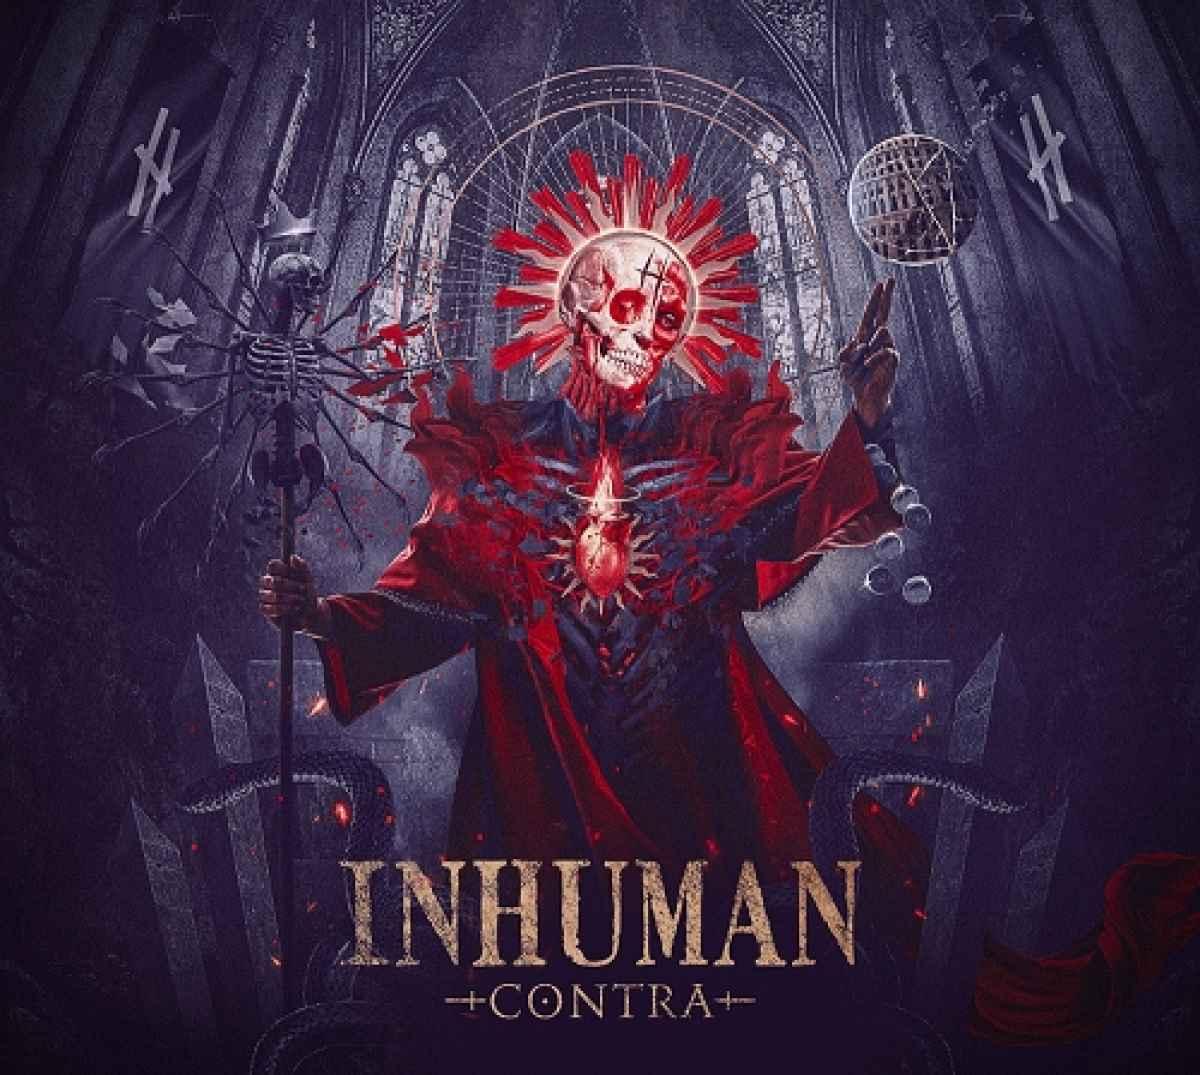 INHUMAN - Contra - album cover